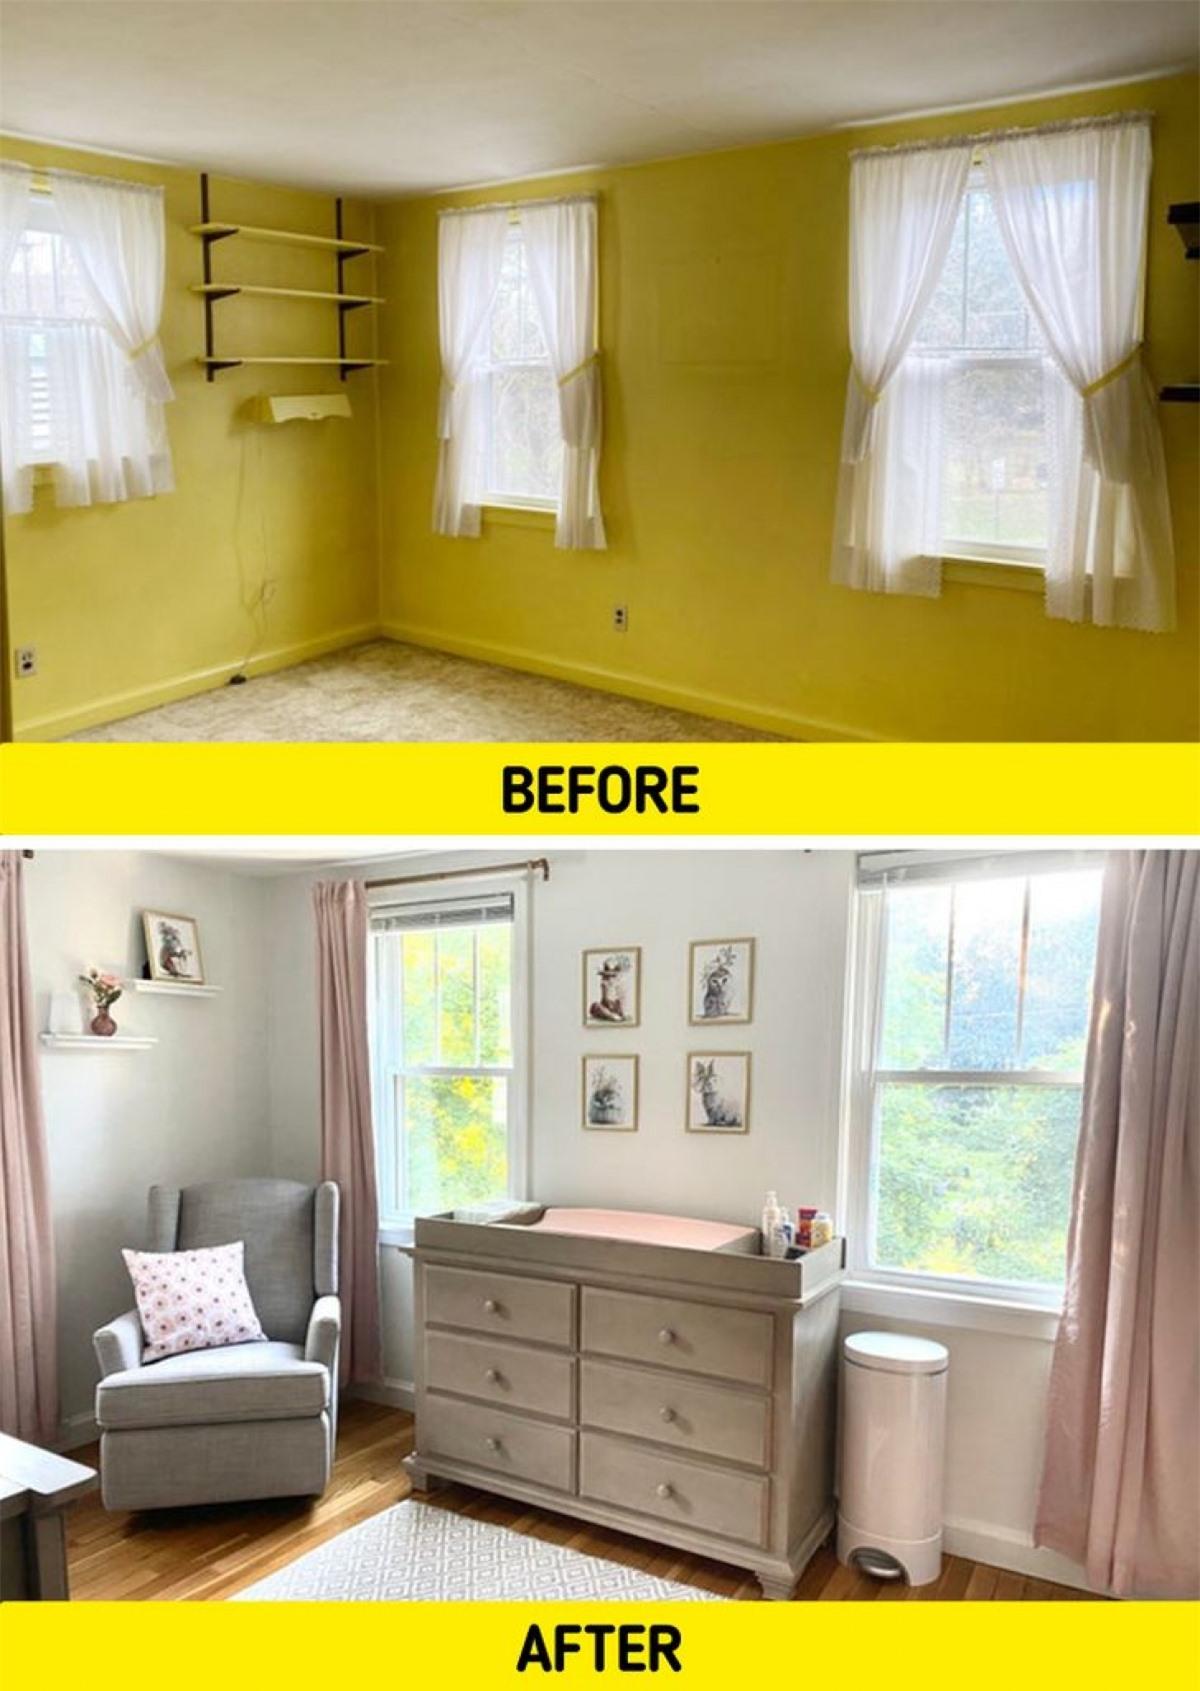 Căn phòng màu vàng nhàm chán, tẻ nhạt và quê mùa đã được lột xác với màu sơn tường sáng, sàn gỗ ấm áp. Những bức rèm cửa cầu kỳ cũng được thay thế bằng loại rèm đơn giản và nhẹ nhàng. Cùng một vài món nội thất đơn giản, căn phòng đã trở lên ấm cúng hơn rất nhiều.